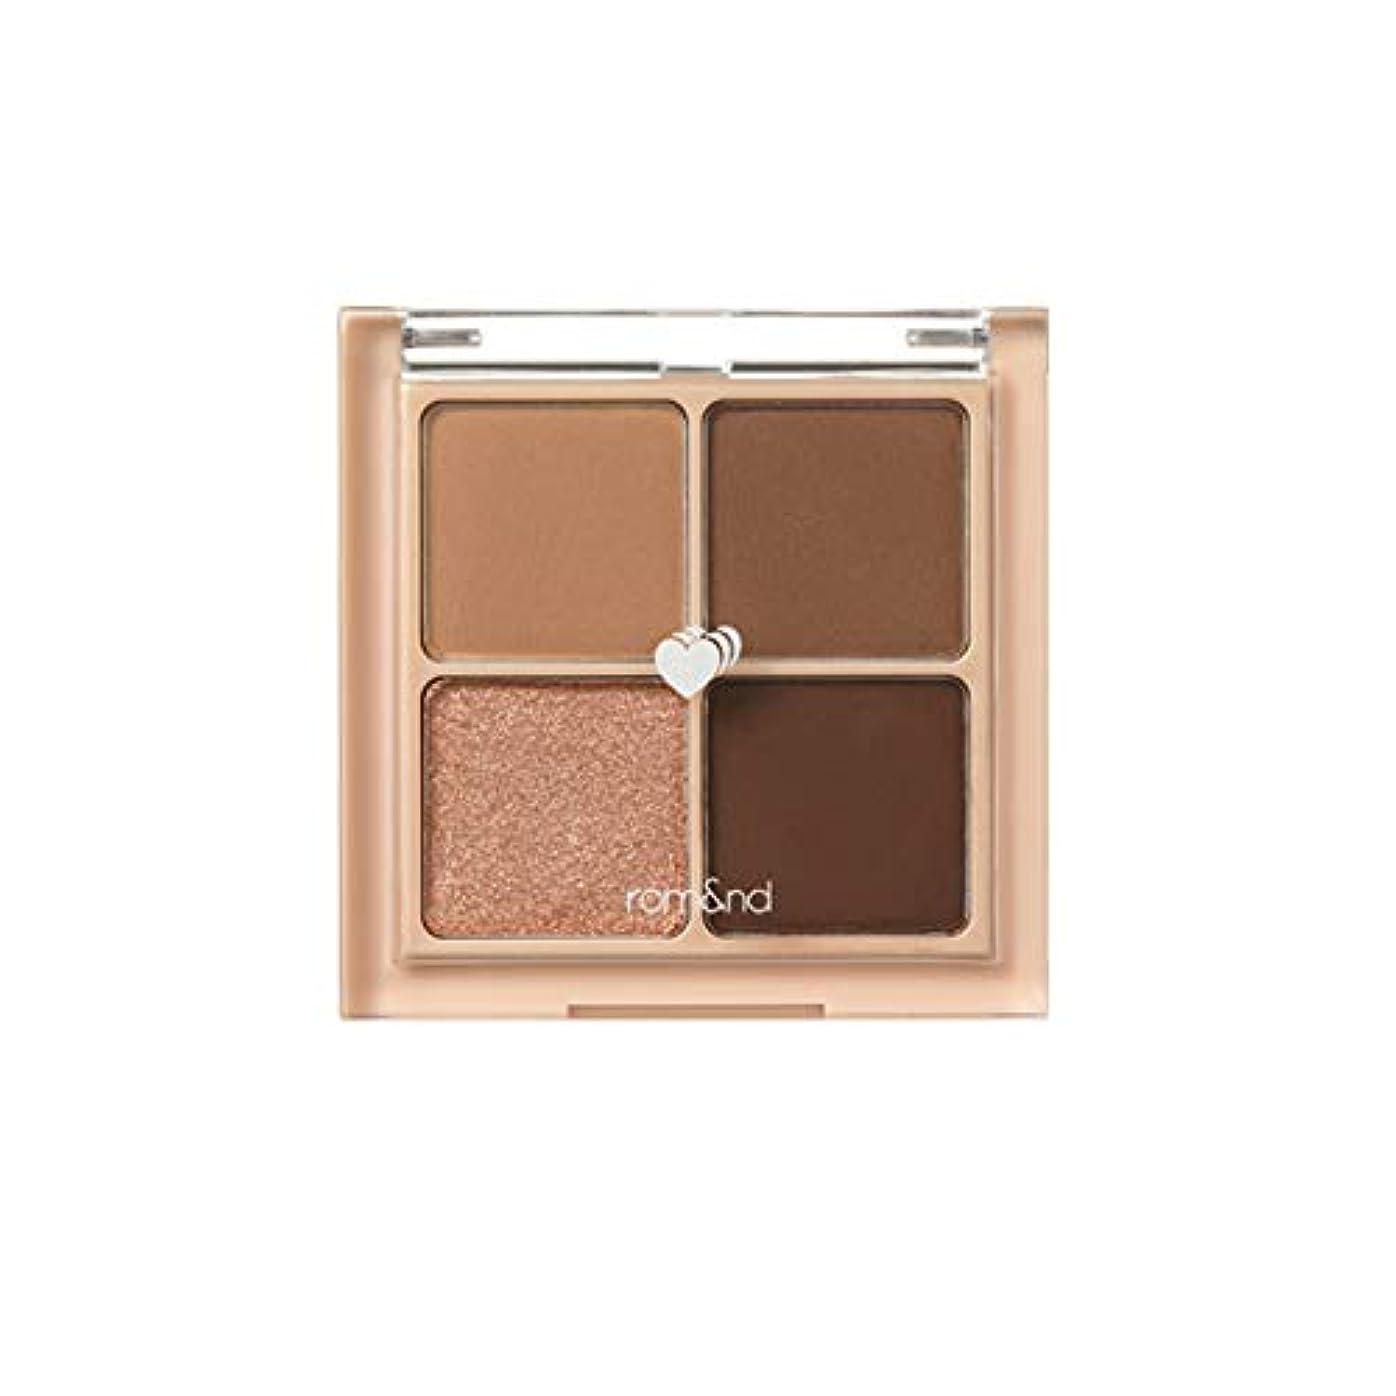 なる修道院白雪姫rom&nd BETTER THAN EYES Eyeshadow Palette 4色のアイシャドウパレット # 3 DRY ragras(並行輸入品)